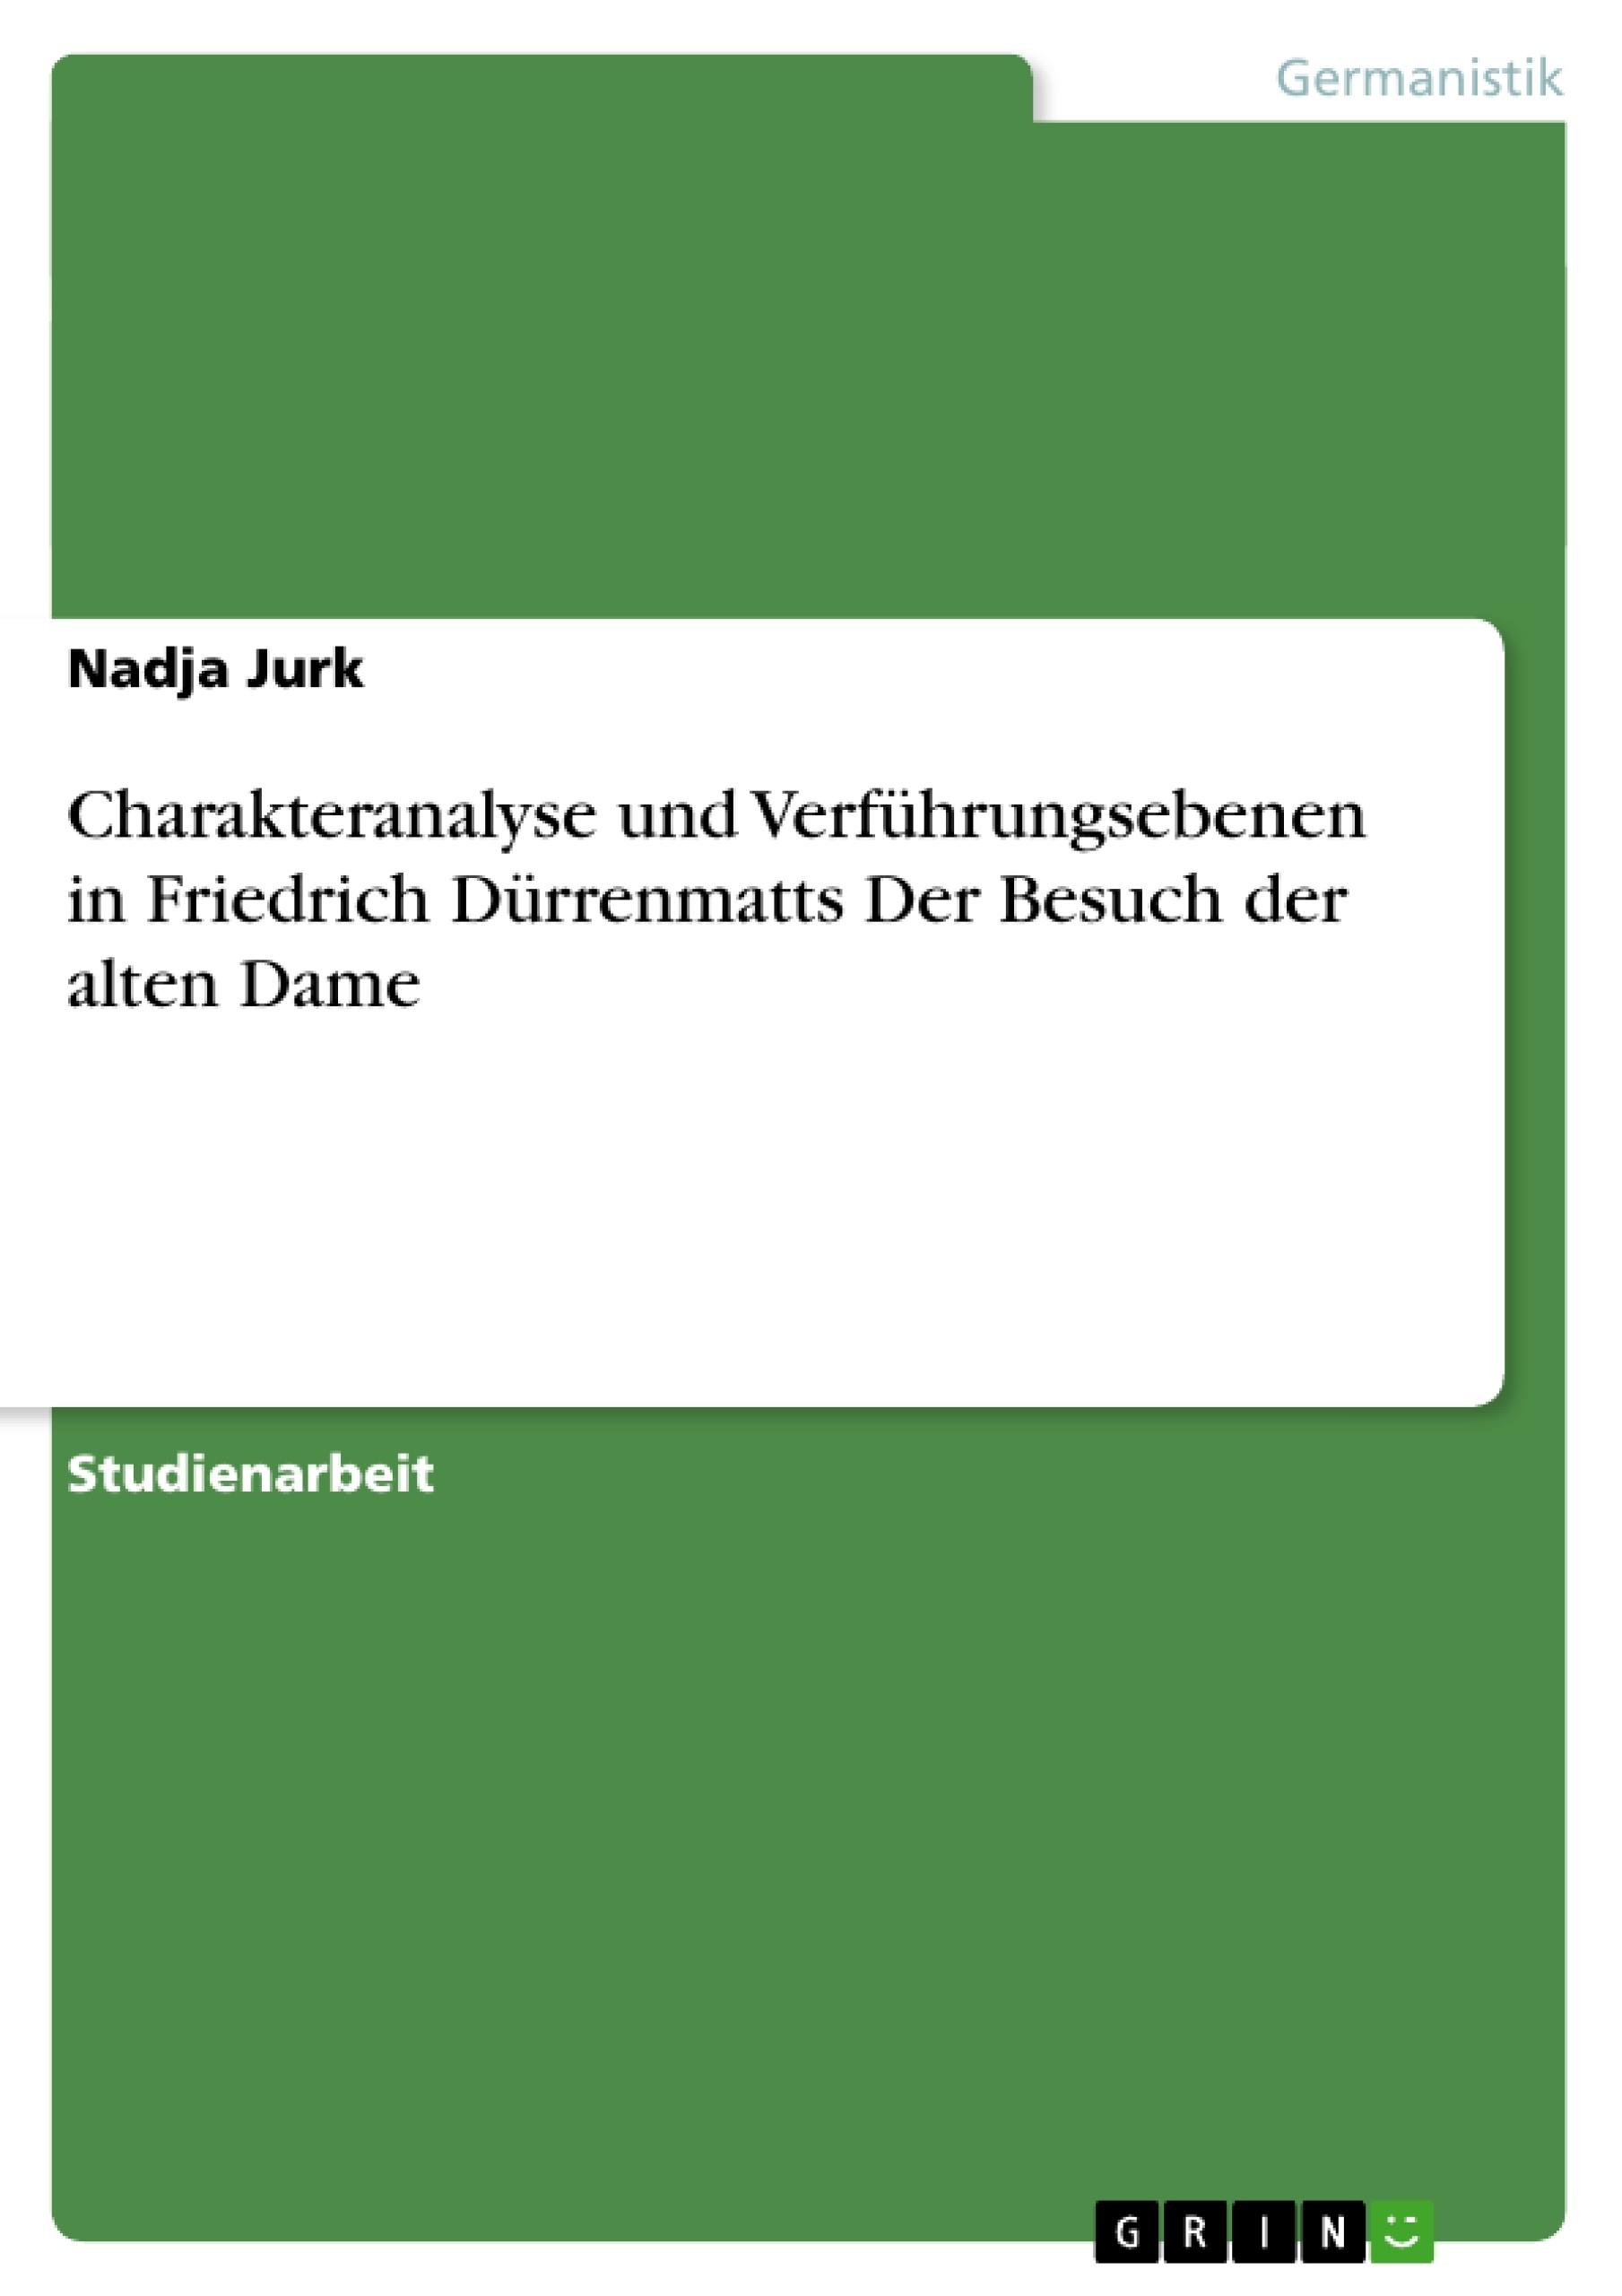 Titel: Charakteranalyse und Verführungsebenen in Friedrich Dürrenmatts  Der Besuch der alten Dame